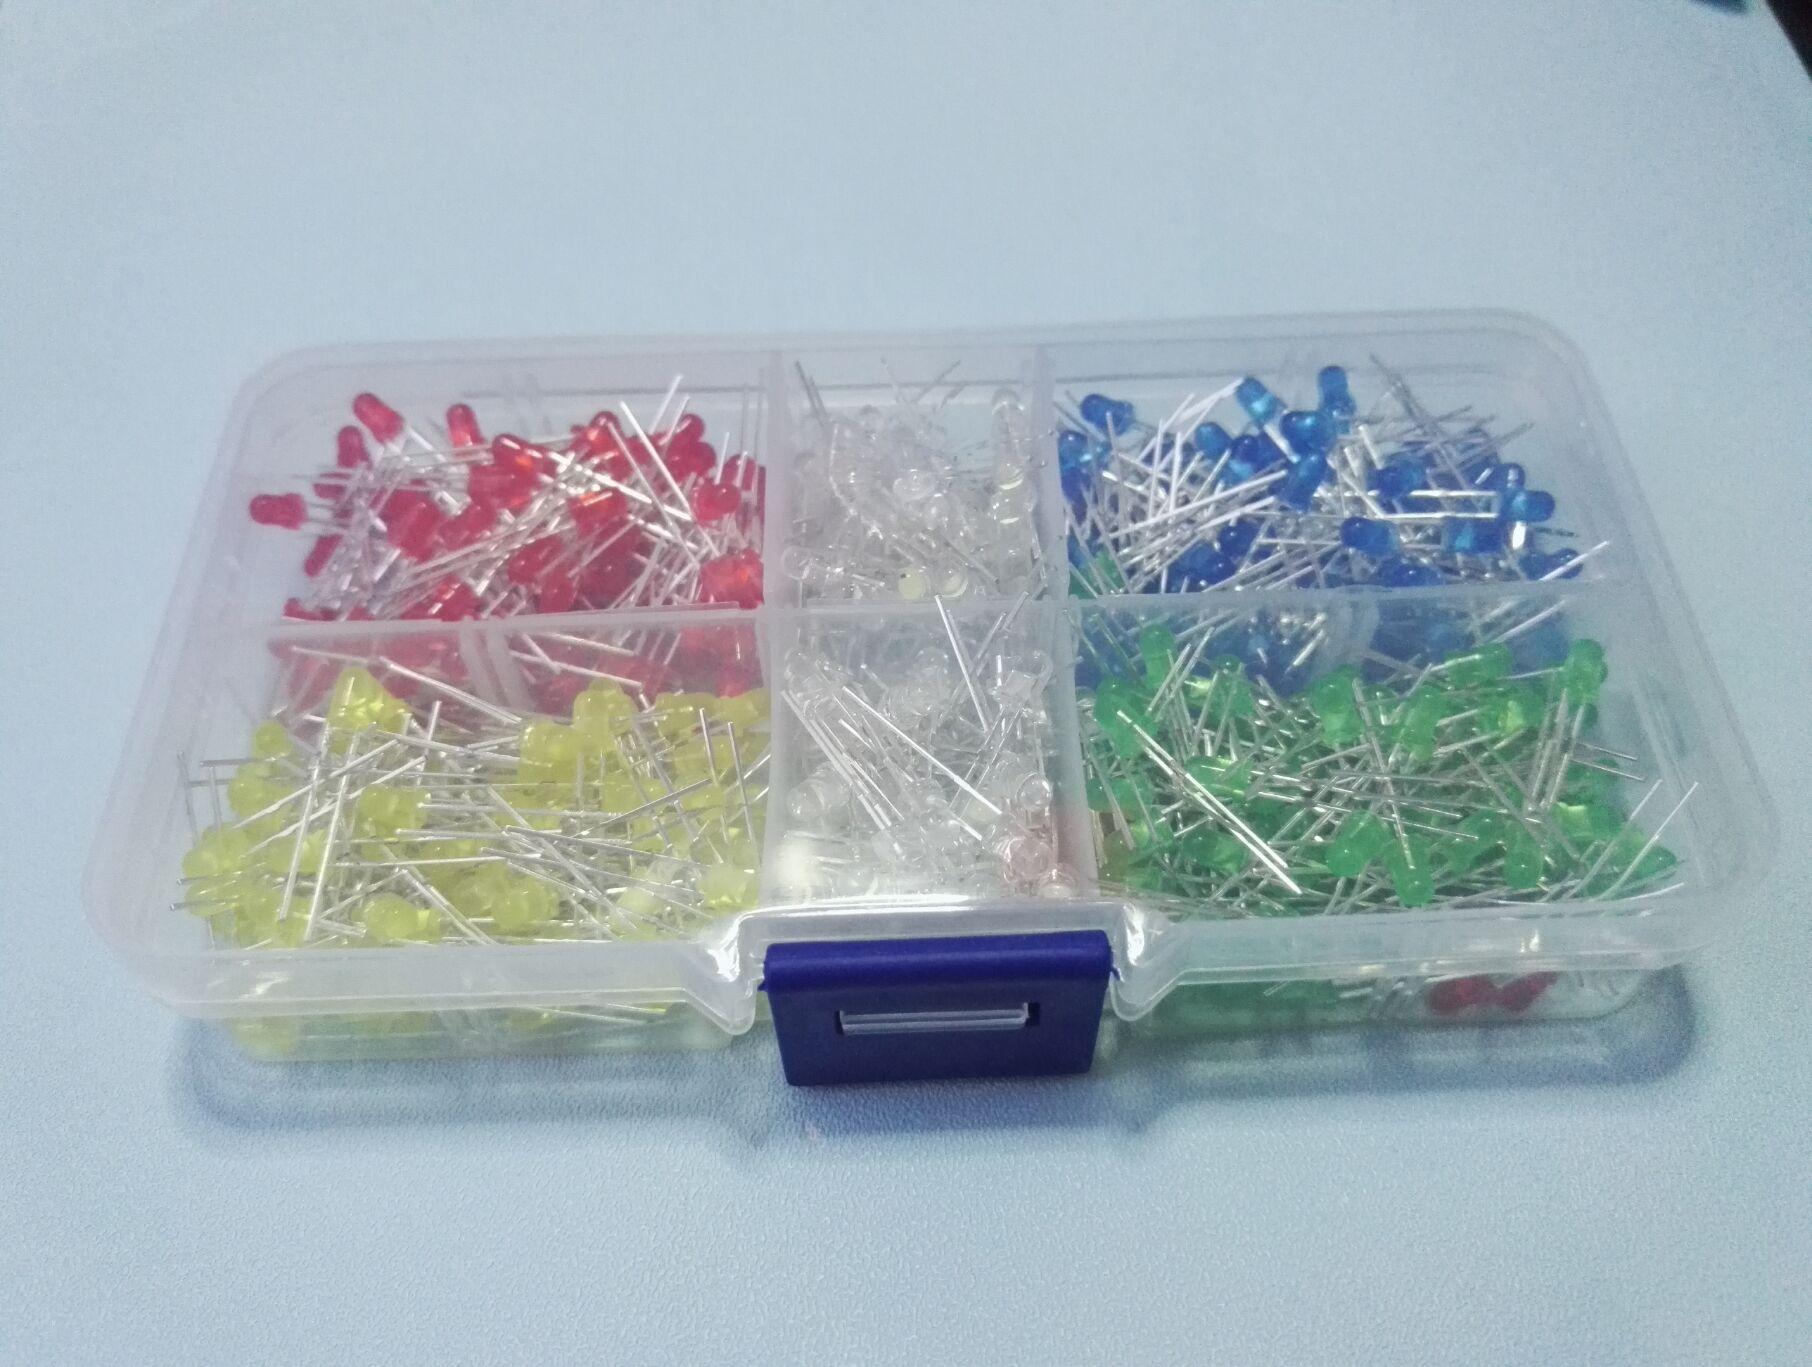 1 коробка, 500 шт., светодиод 3 мм = 5 цветов * 100 шт., желтый, белый, красный, зеленый, синий, 5 значений, смешанные цвета, светодиод высокой яркости, ...